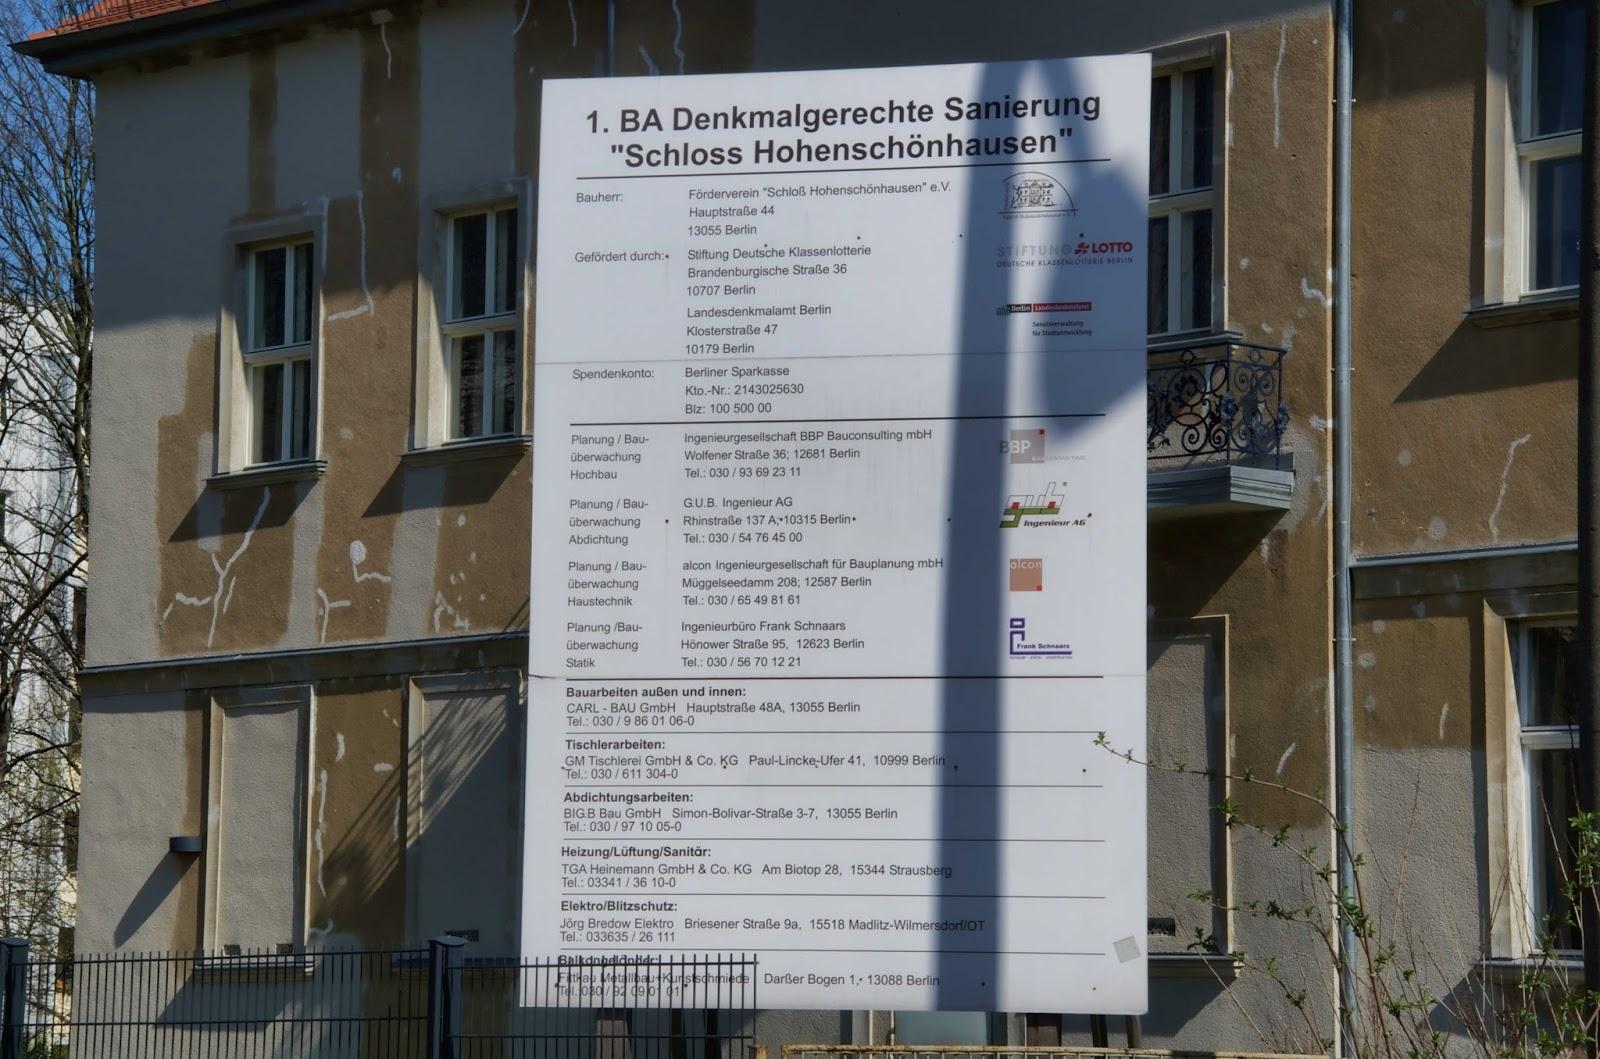 """Baustelle 1. Bauabschnitt Denkmalgerechte Sanierung """"Schloss Hohenschönhausen"""", Hauptstraße 44, 13055 Berlin, 17.03.2014"""